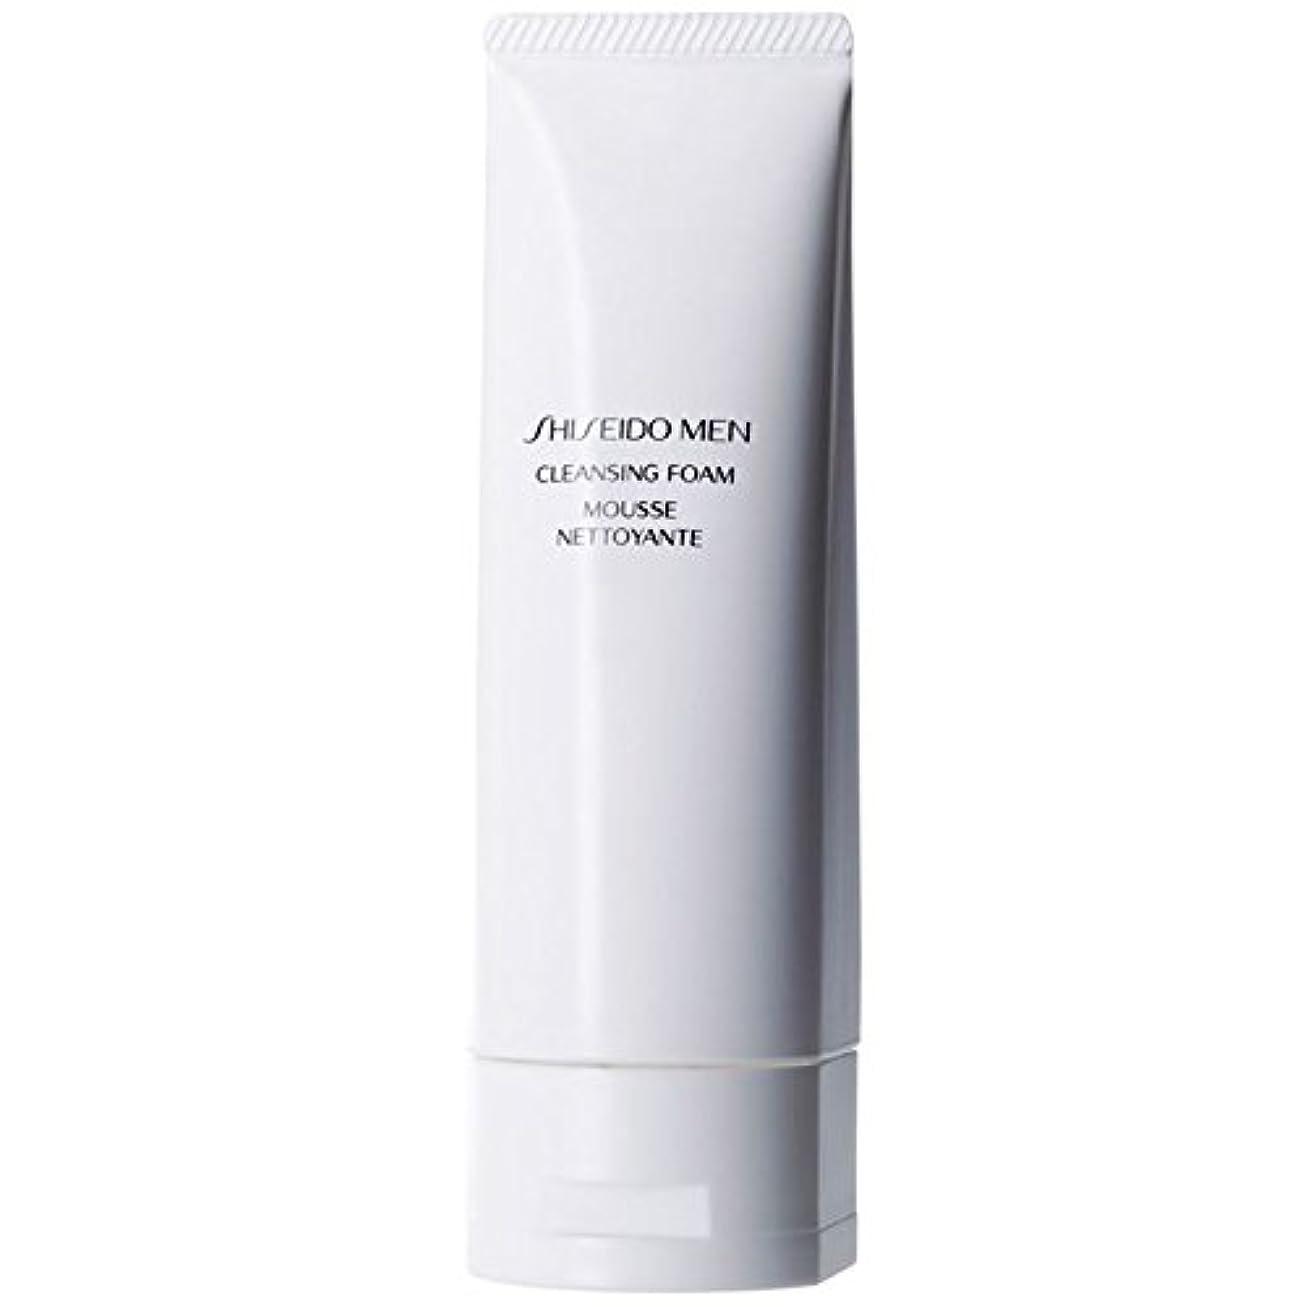 安全でない水他のバンドで[Shiseido] 泡125ミリリットルをクレンジング資生堂の男性 - Shiseido Men Cleansing Foam 125ml [並行輸入品]